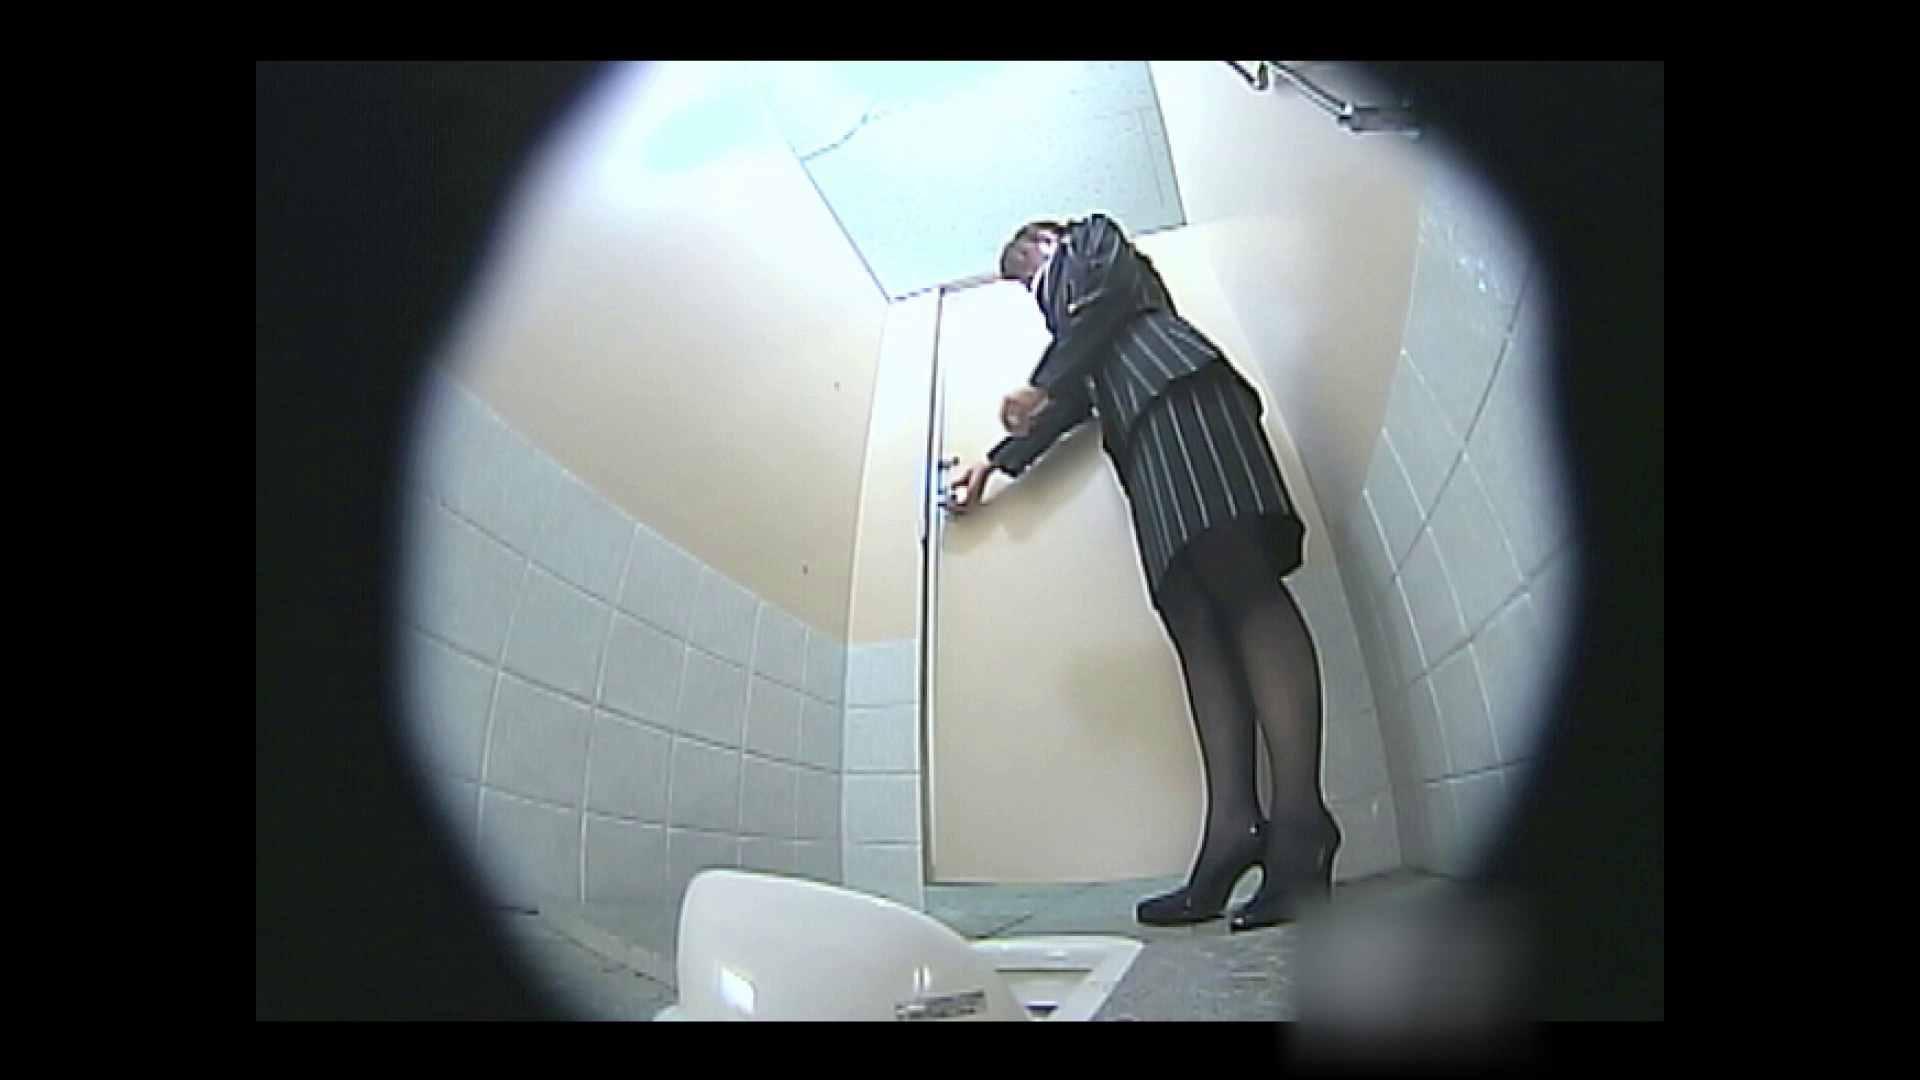 異業種交流会!!キャビンアテンダント編vol.09 下着 性交動画流出 81PIX 8